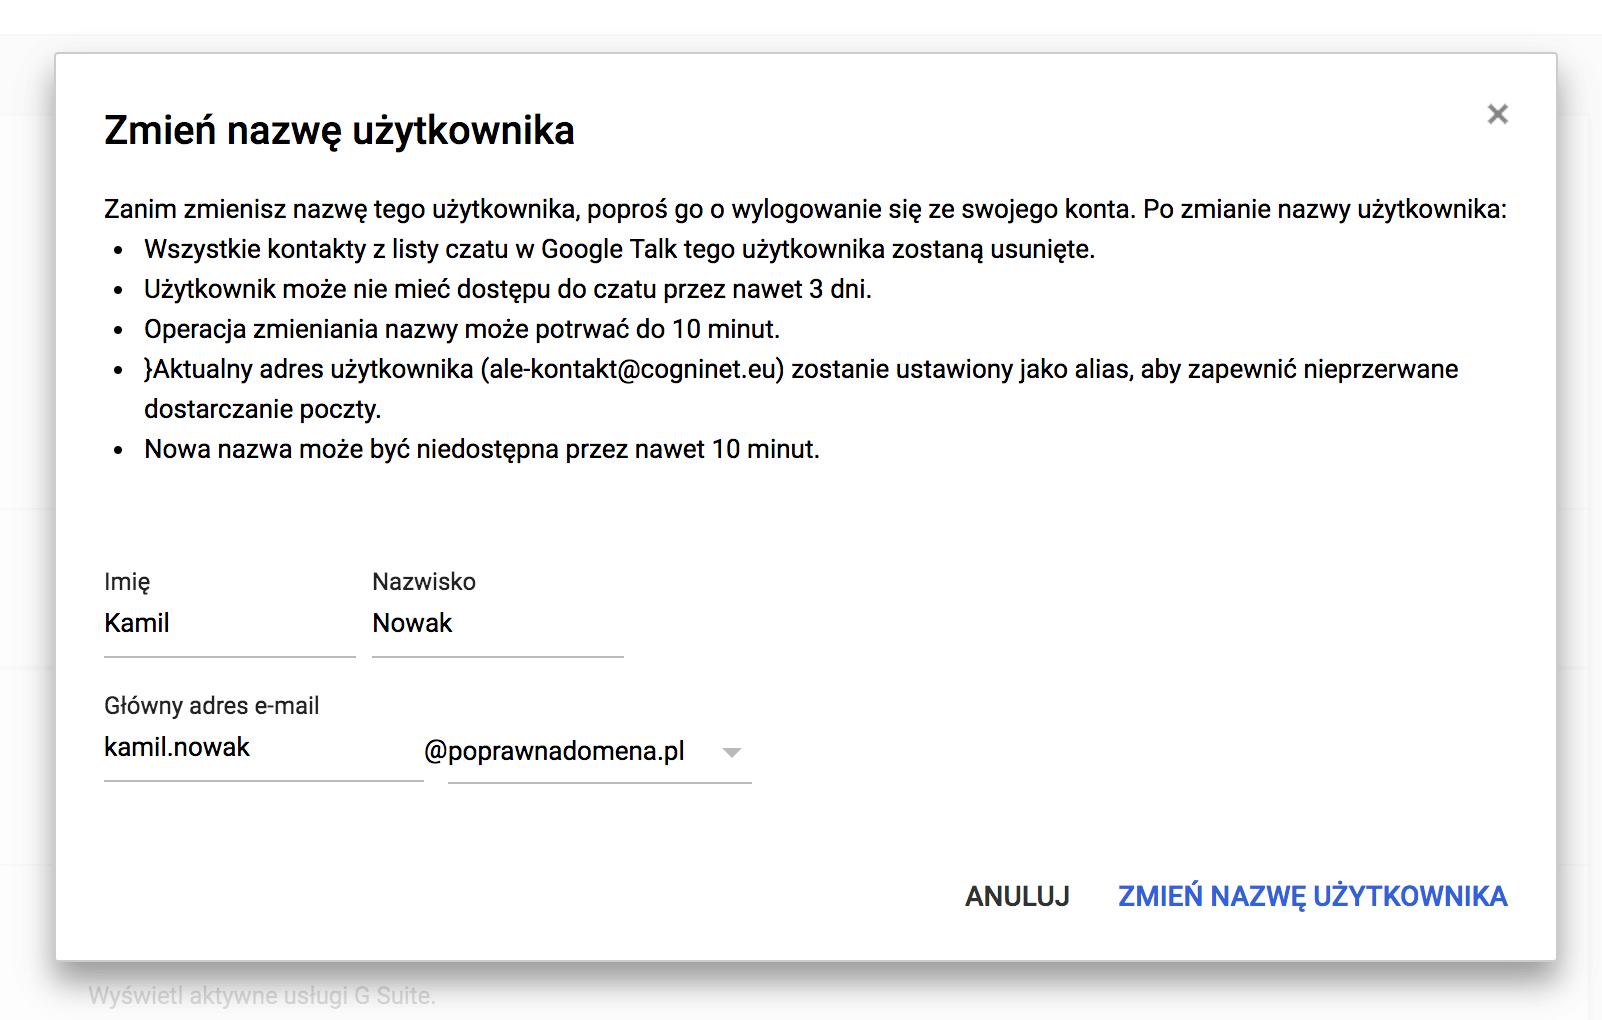 Zmiana nazwy użytkownika